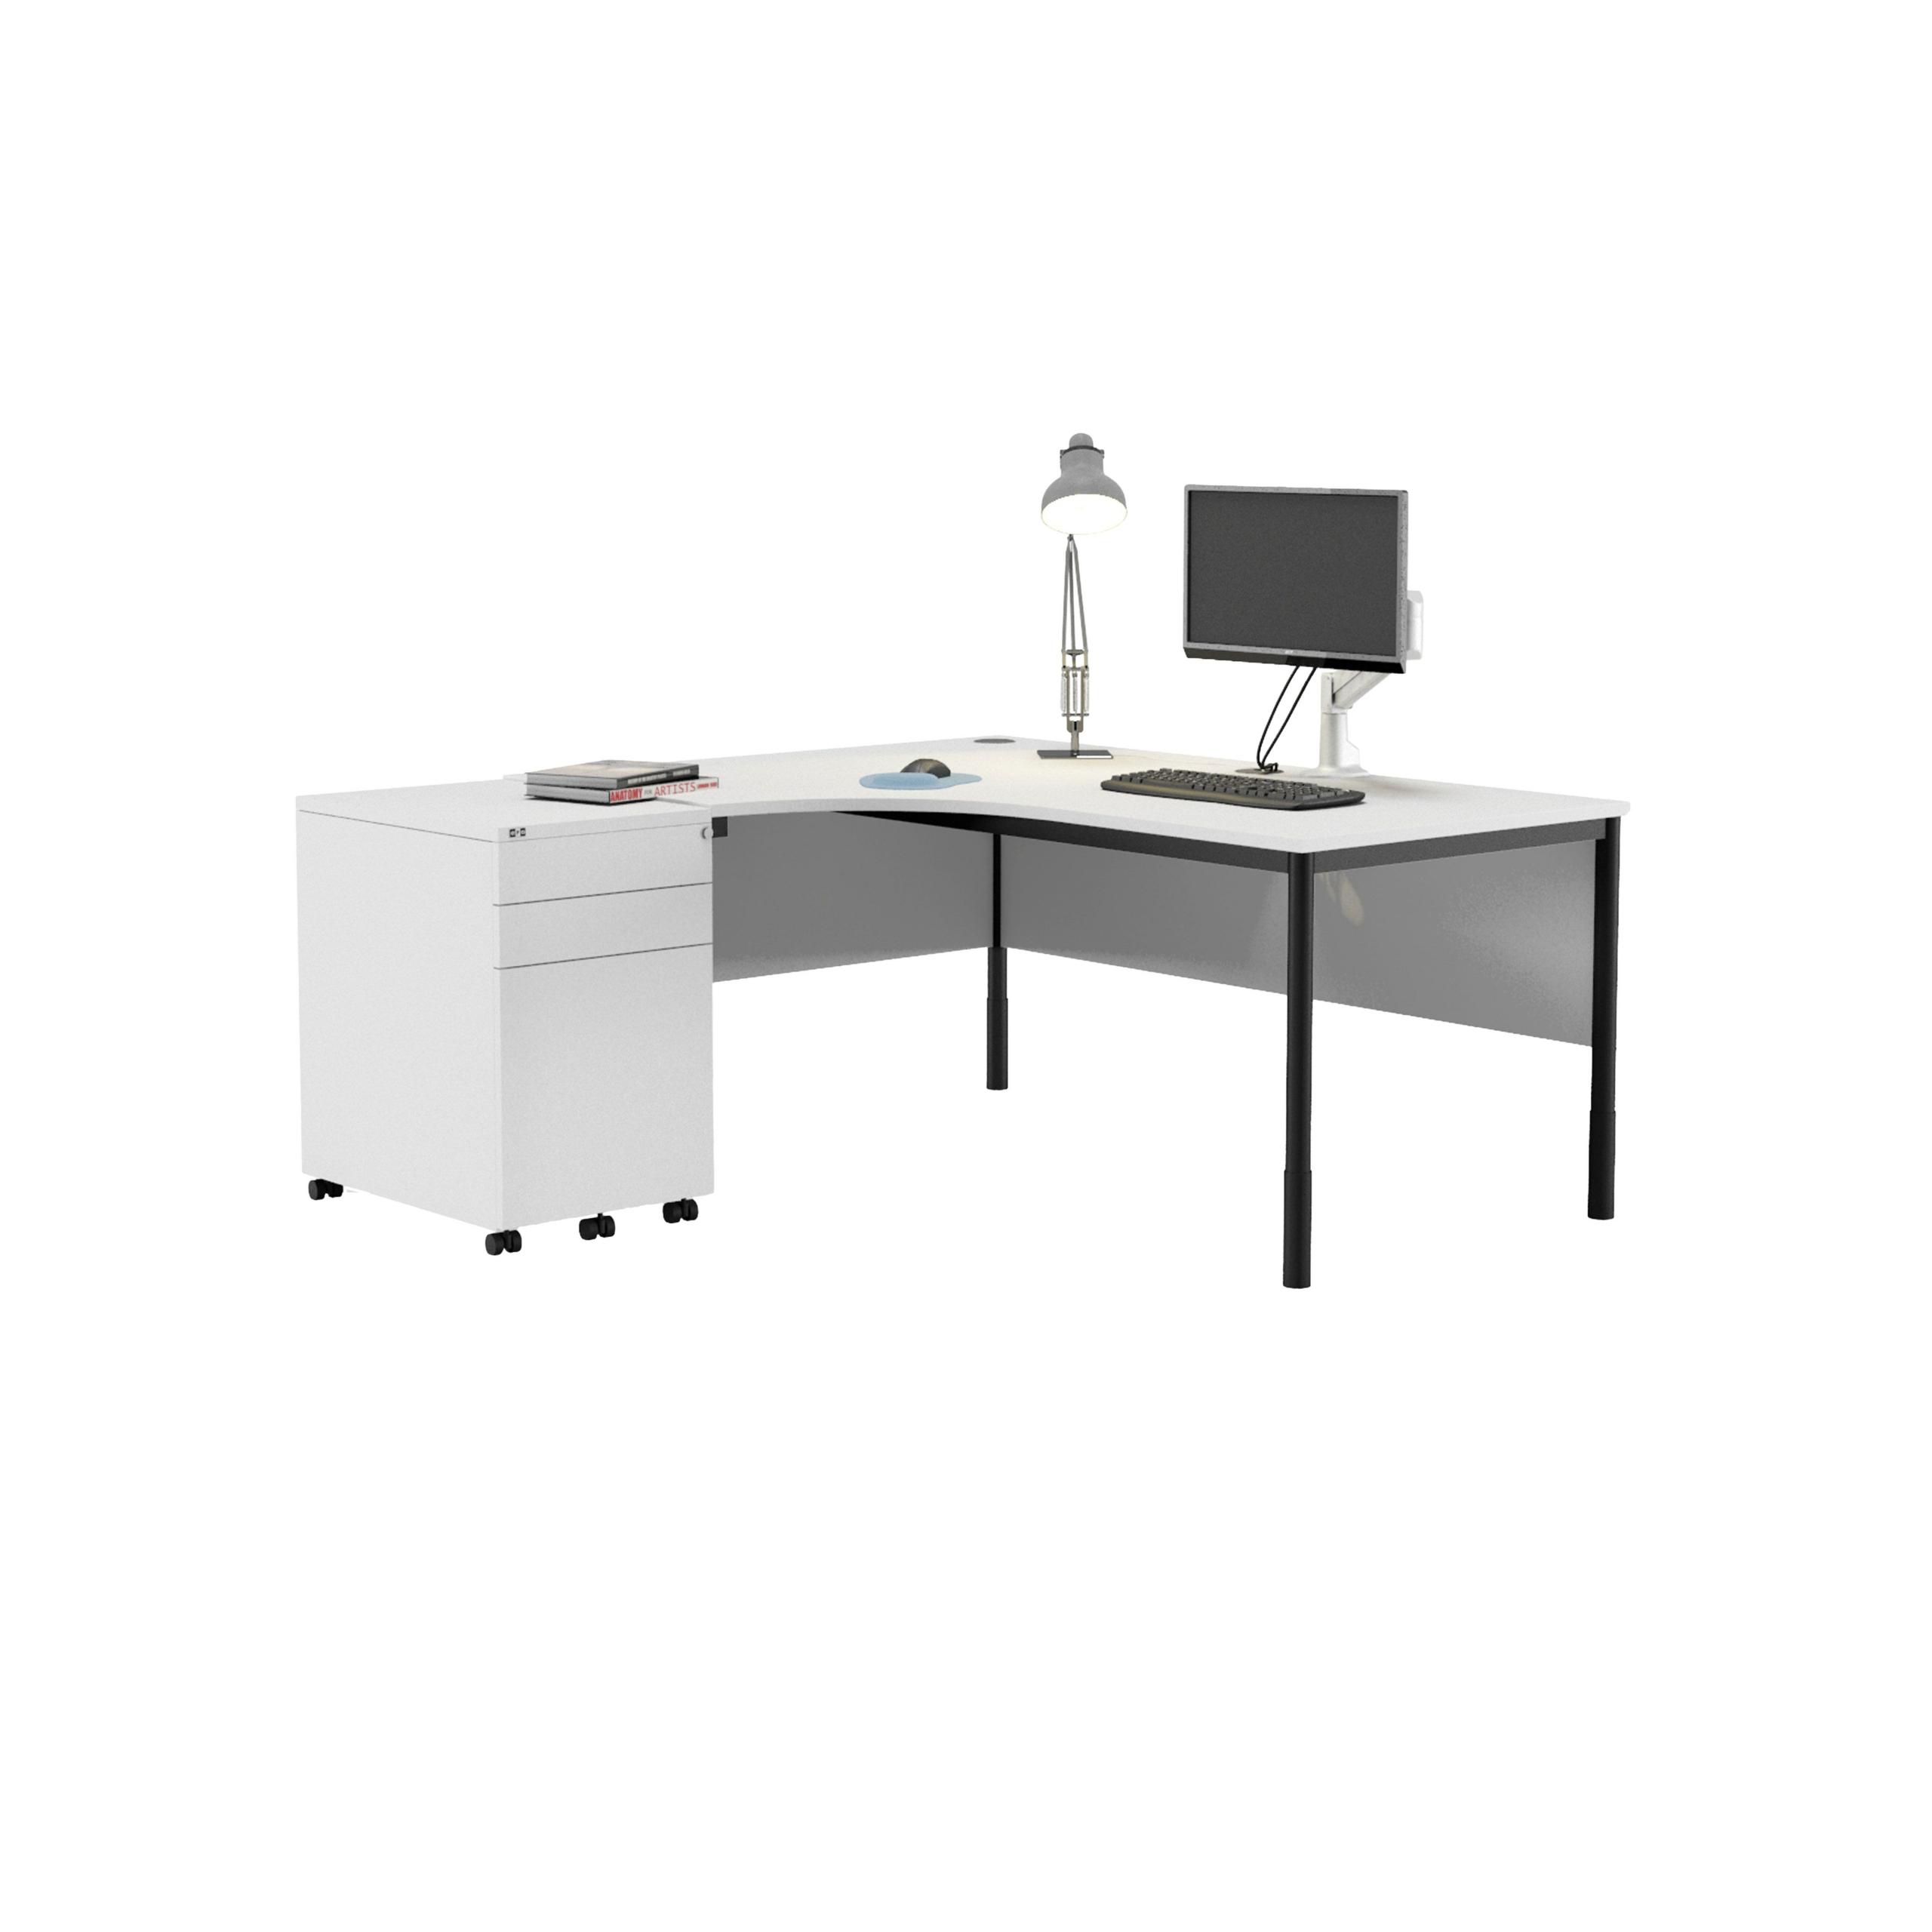 Team Pro Skrivbord/mötesbord produktbild 2